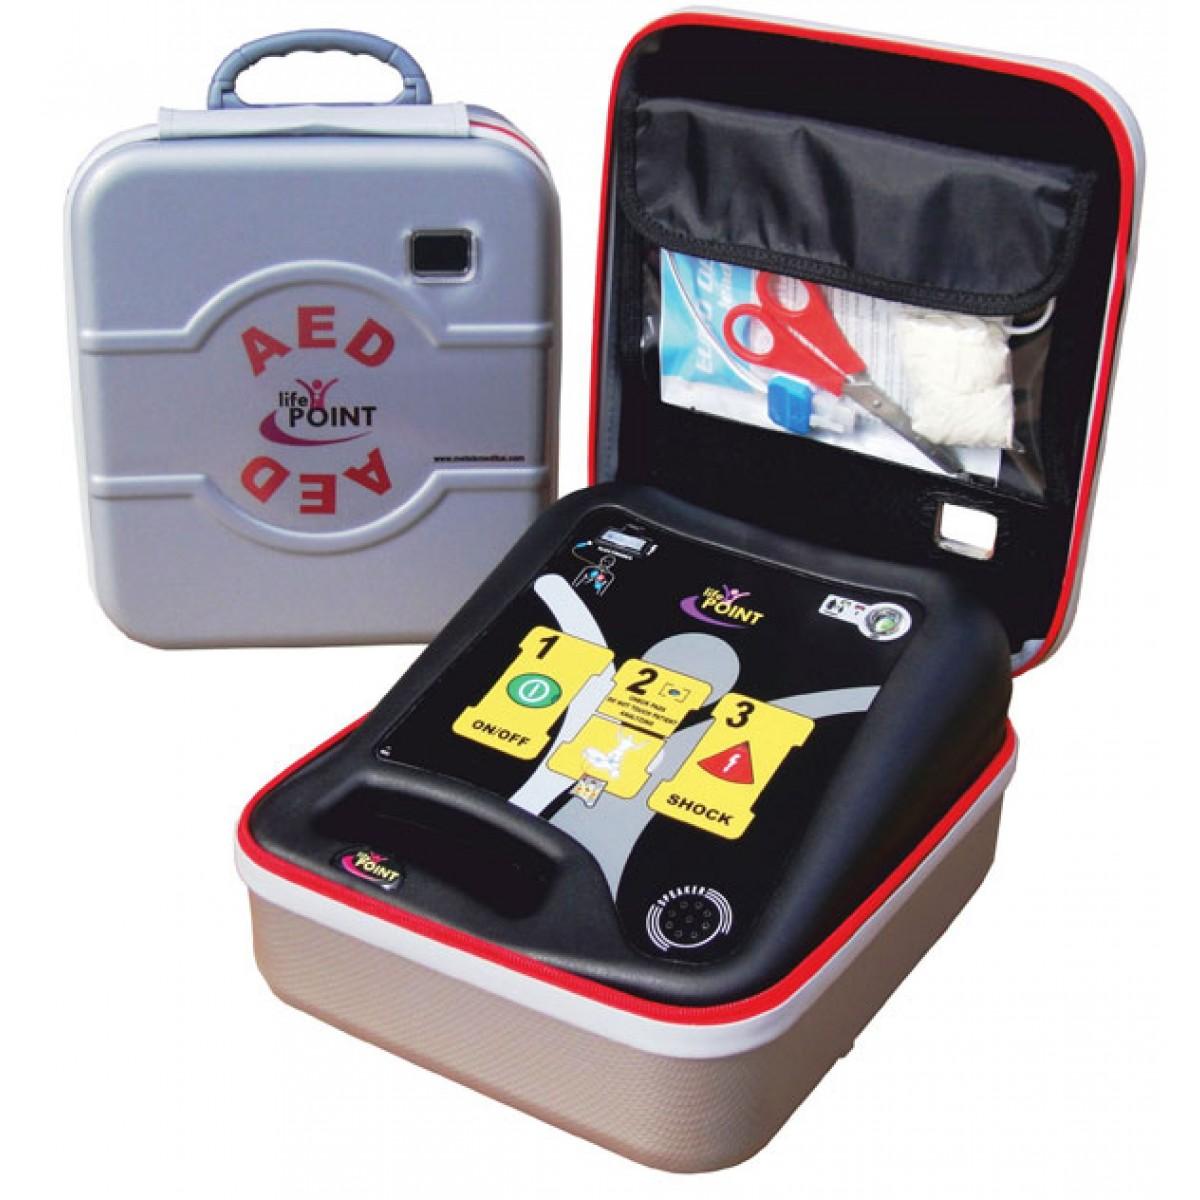 Defibrillatore Semiautomatico Life-POINT Pro AED